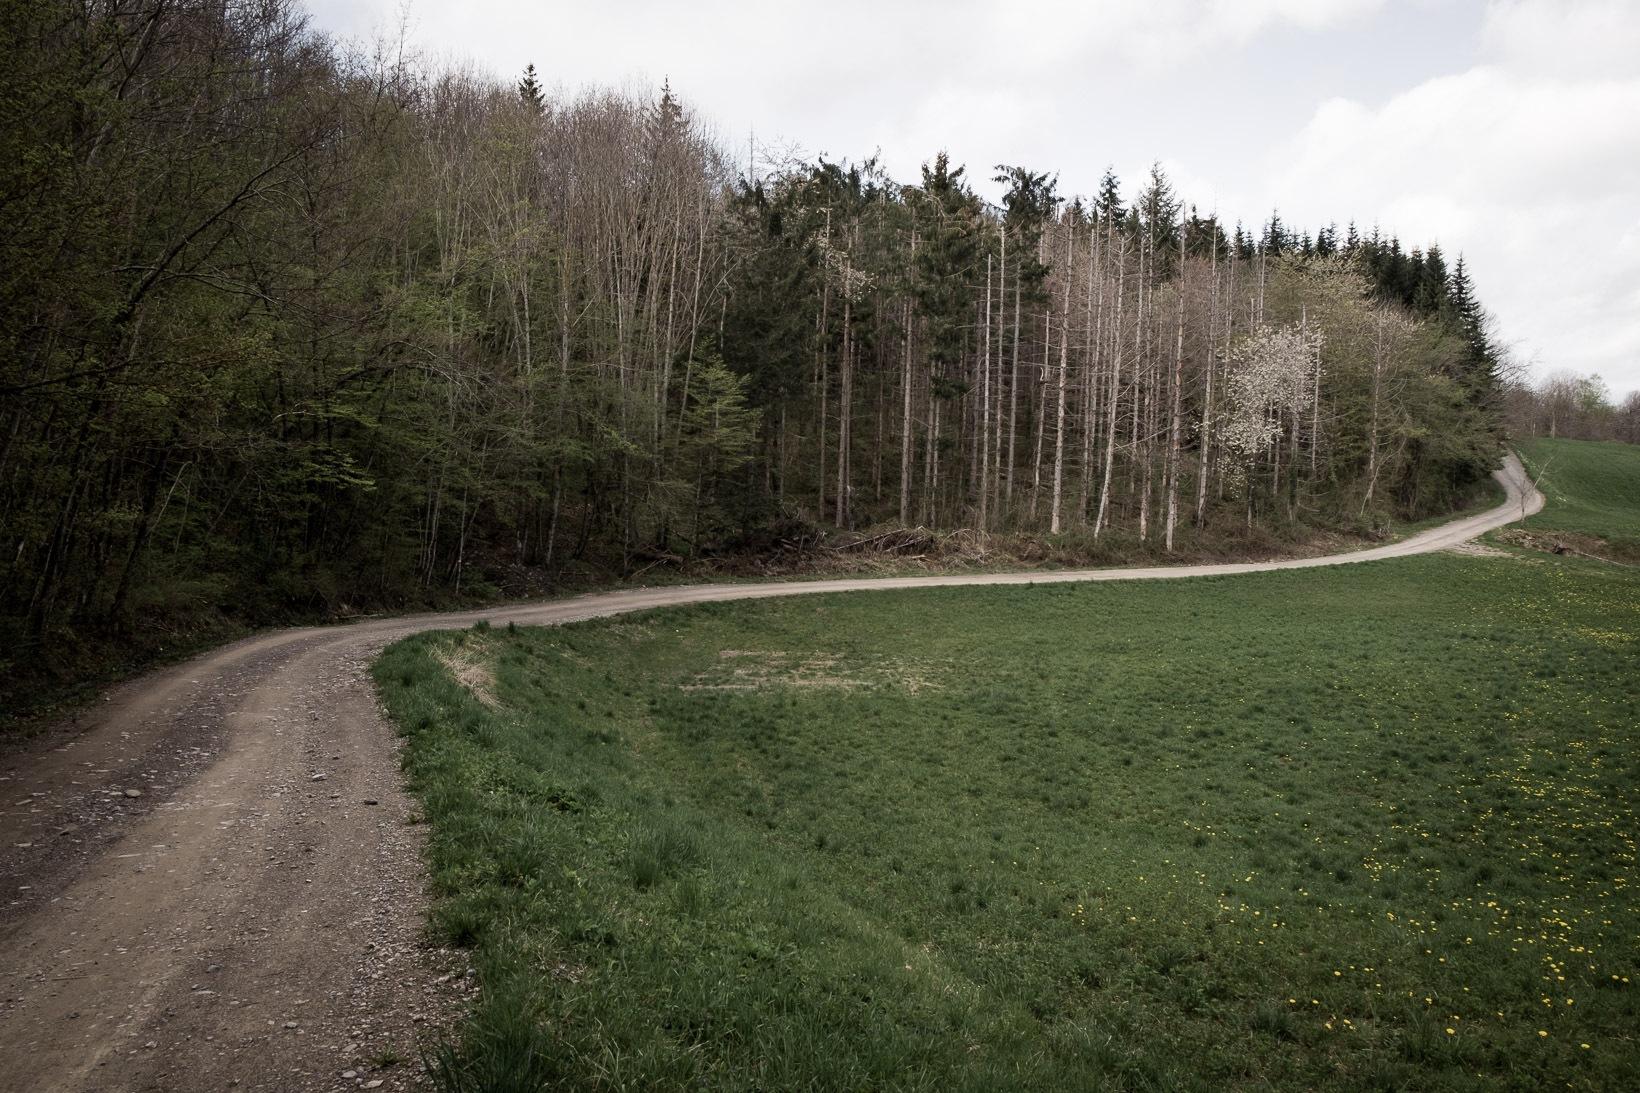 Monte-Belvedere-versante-nord-retrovie-tedesche-2